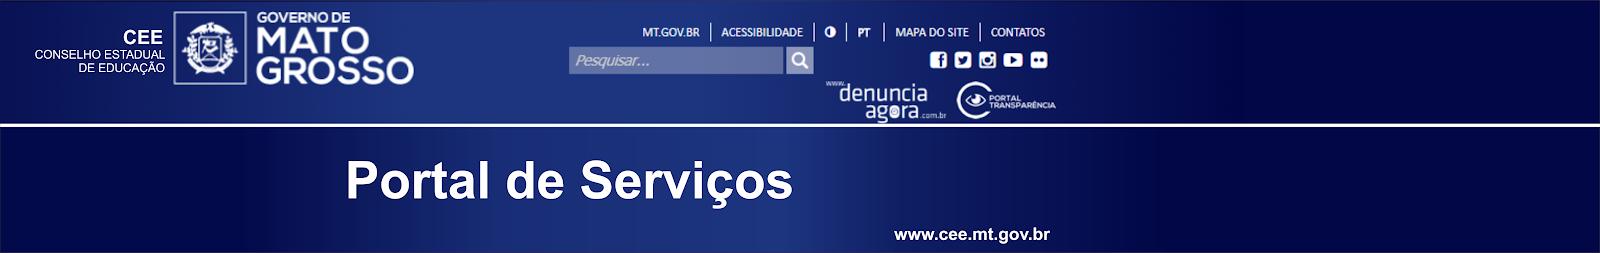 Portal de Serviços CEE/MT